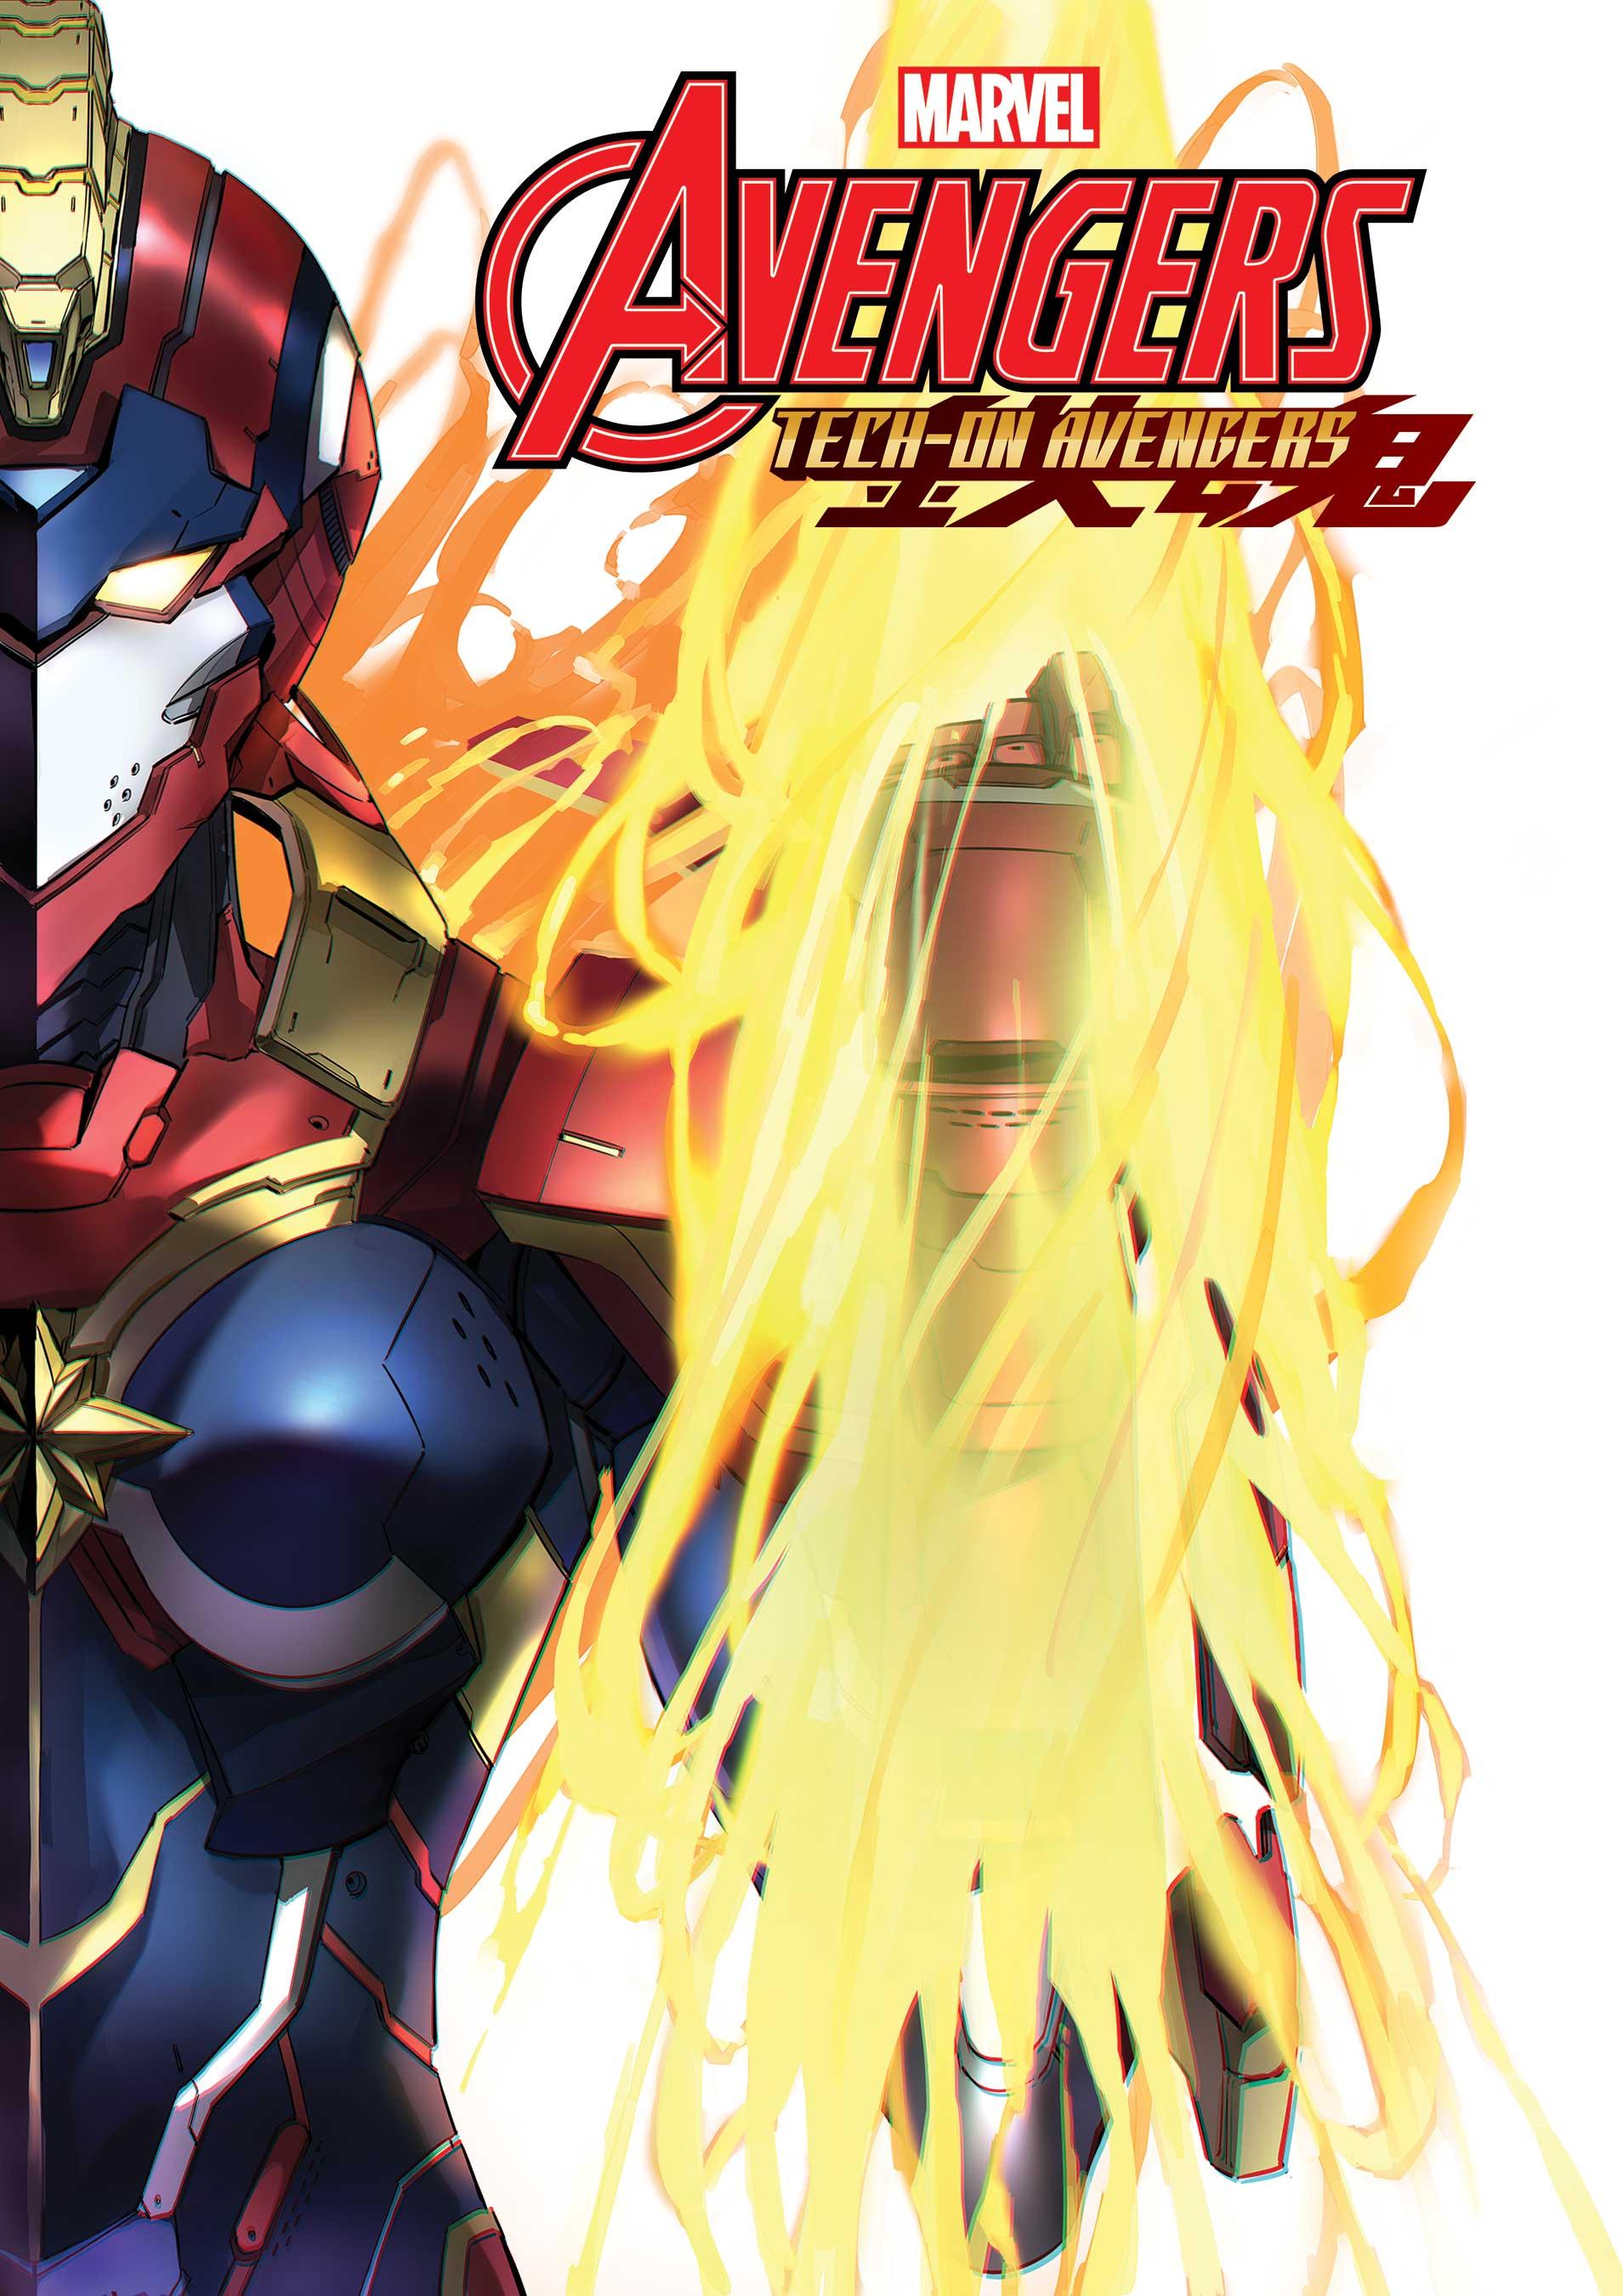 Avengers: Tech-on (2021) #3